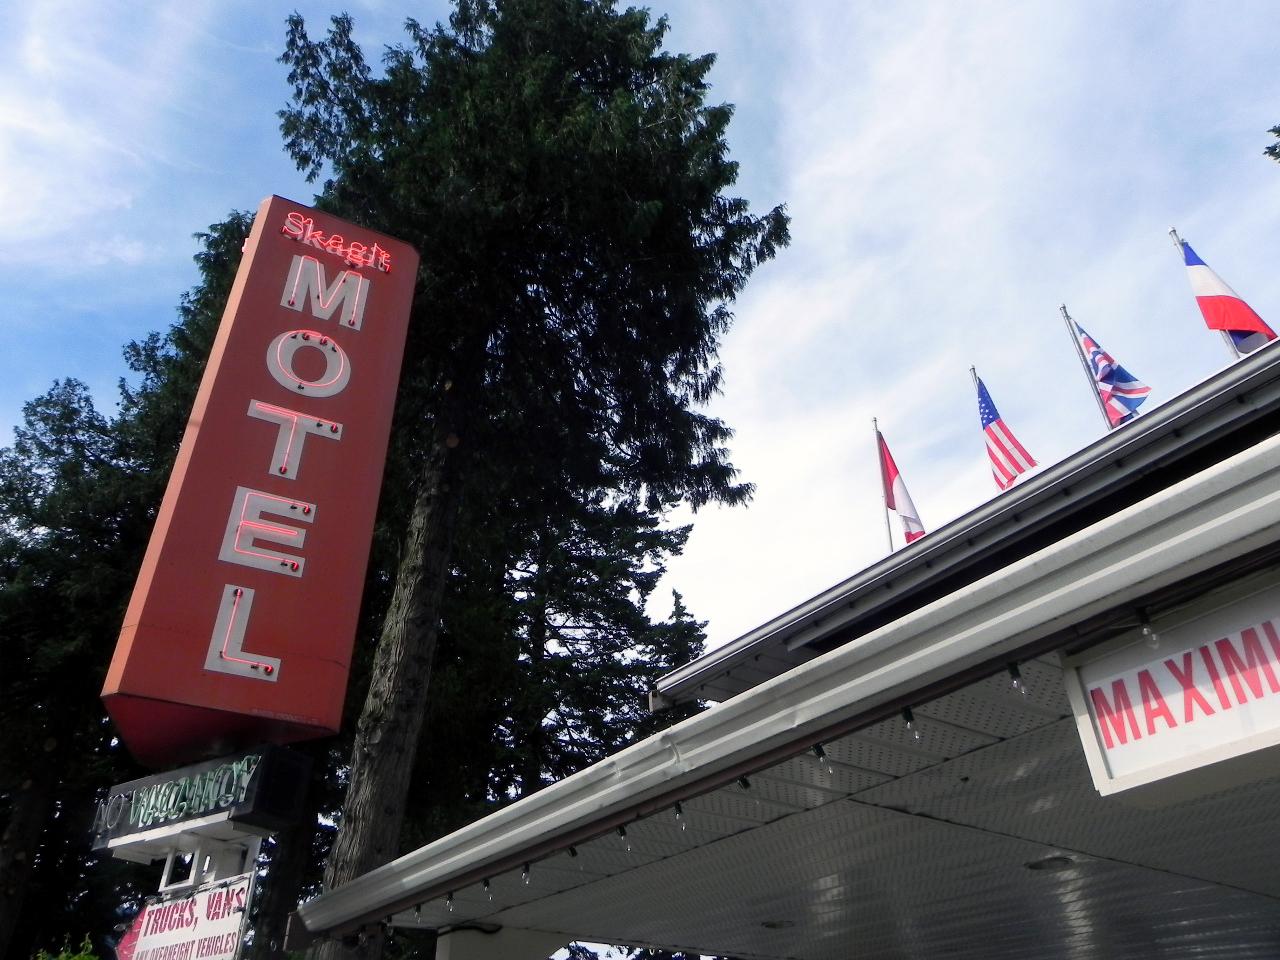 斯卡吉特汽車旅館